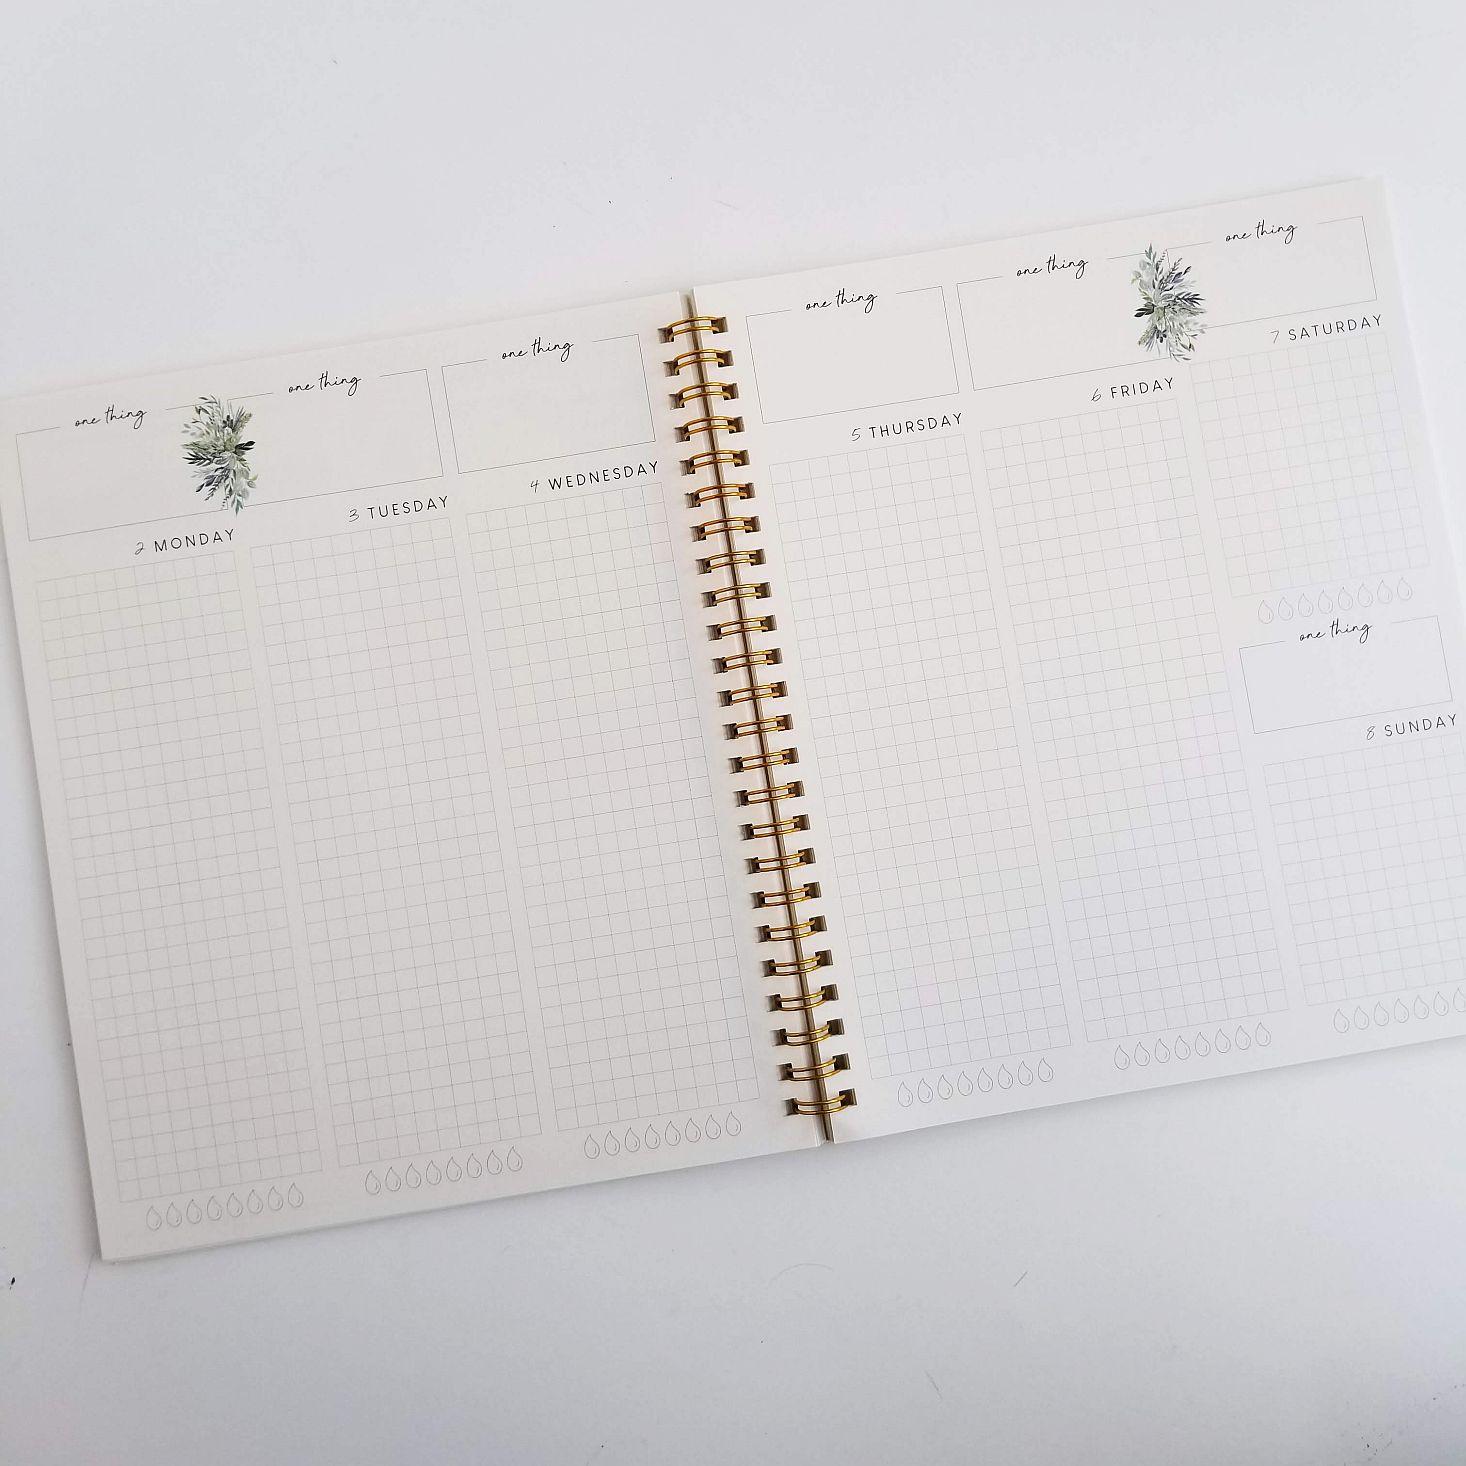 Silk + Sonder Planner March 2020 weekly spread